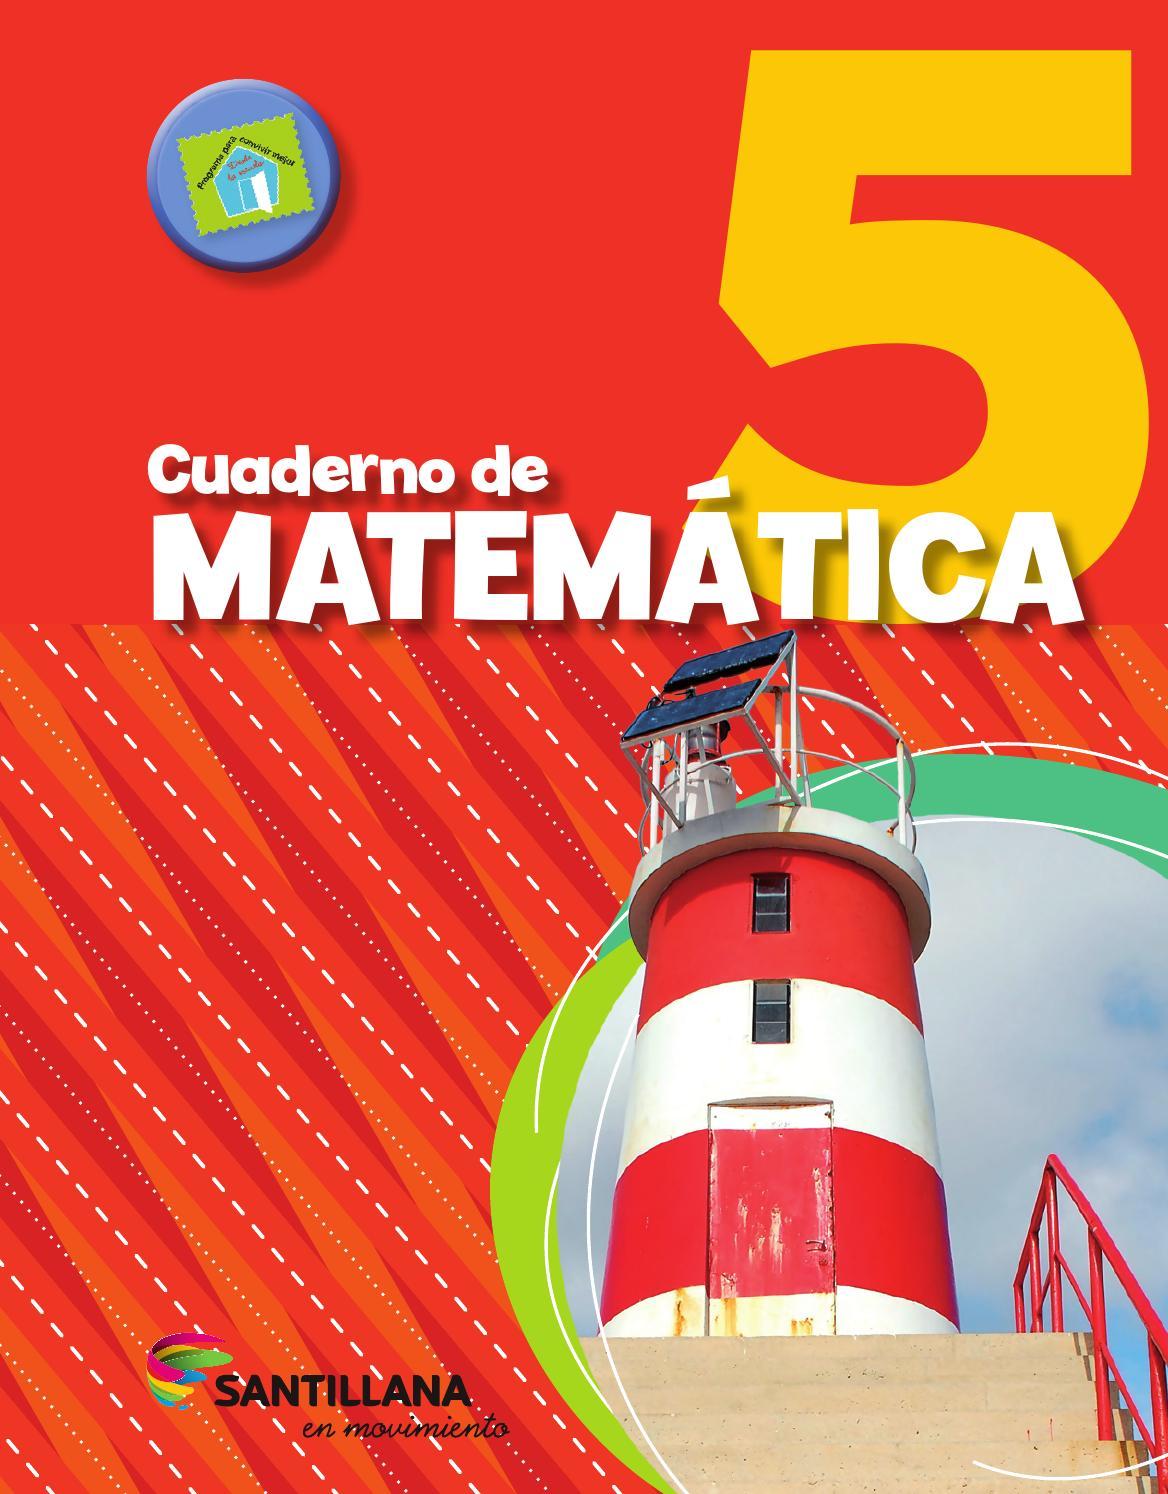 Cuaderno de matematica 5 by María Candelaria Pagella - issuu